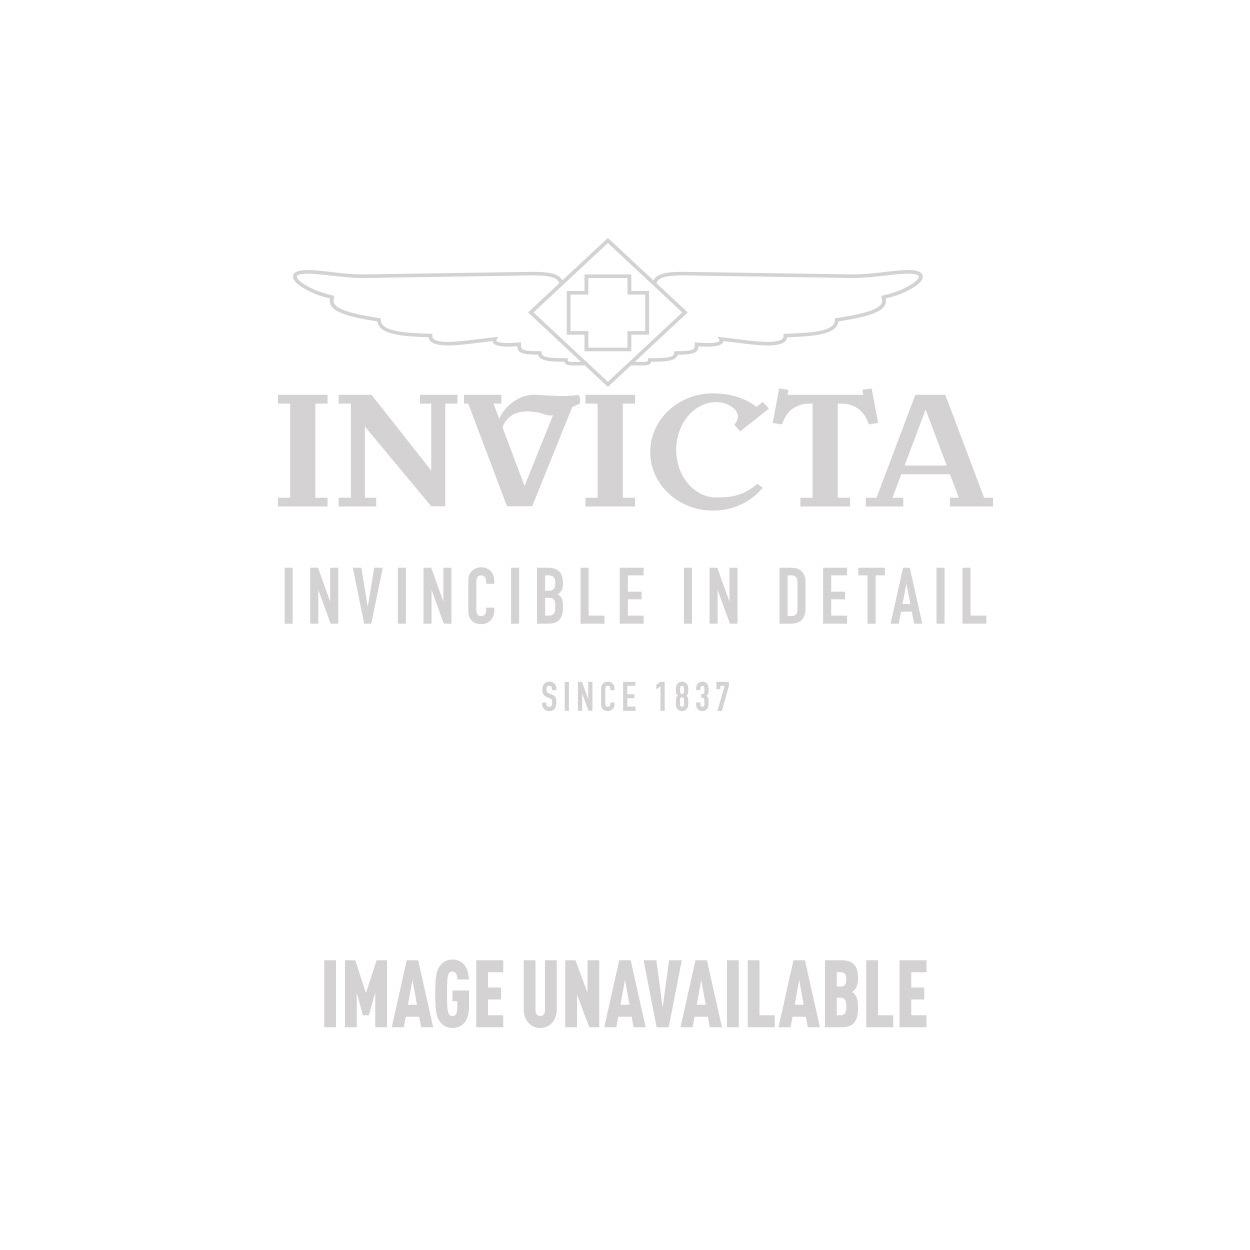 Invicta Model 22997